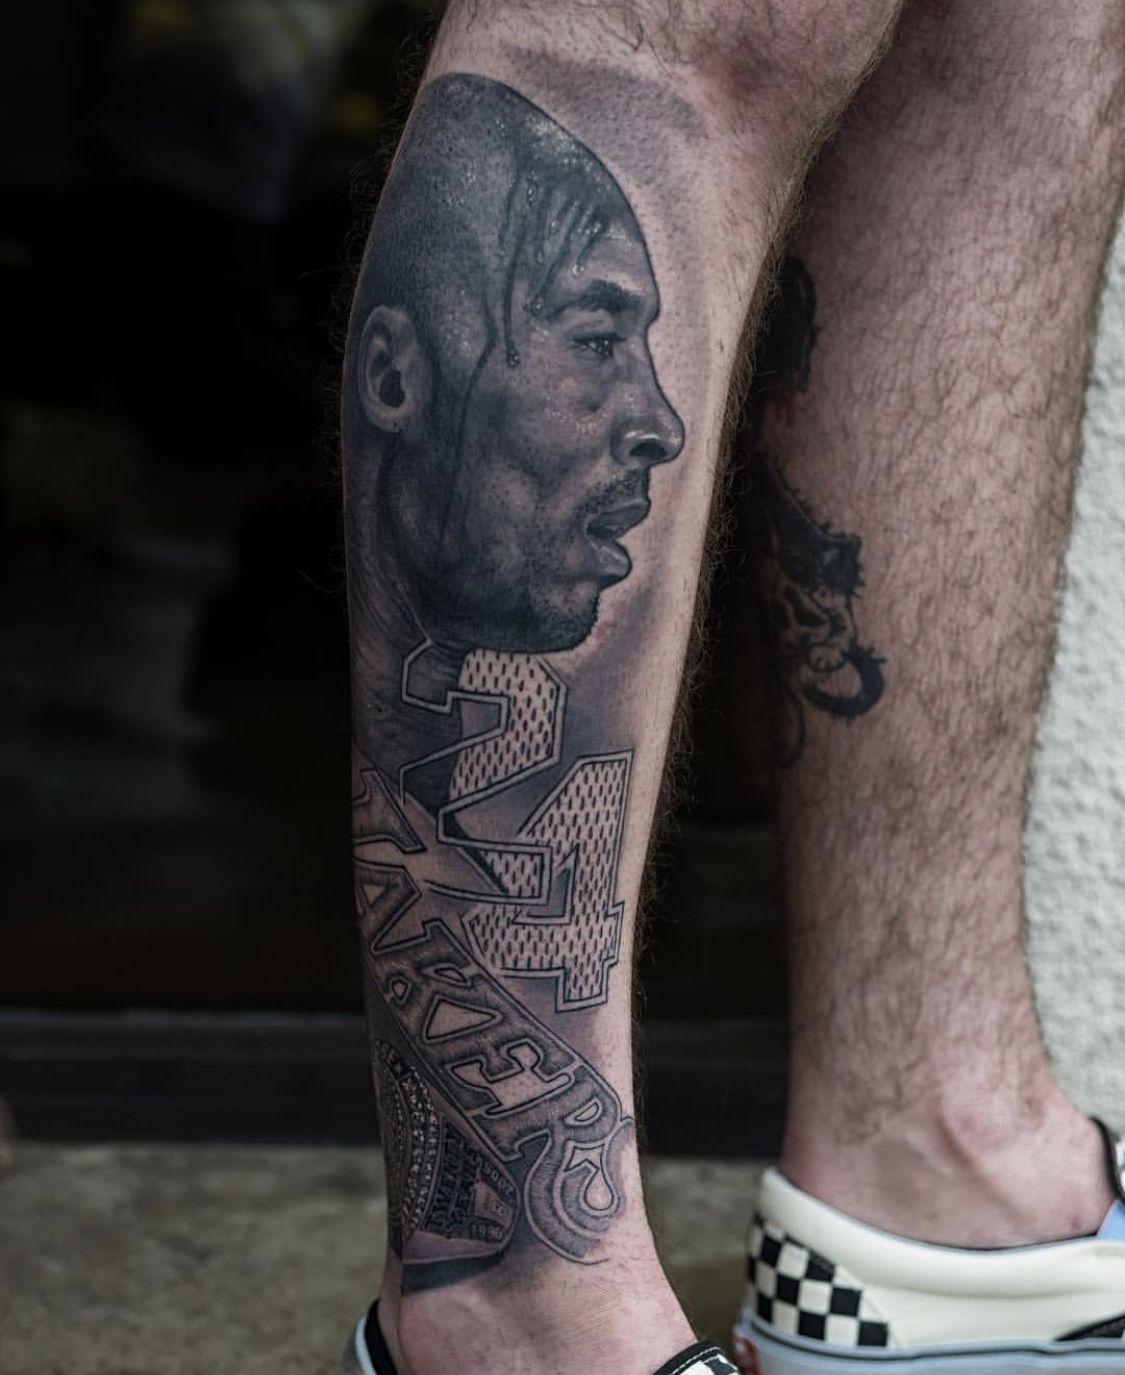 Kobe Bryant Kobe bryant tattoos, Leg tattoo men, Kobe bryant